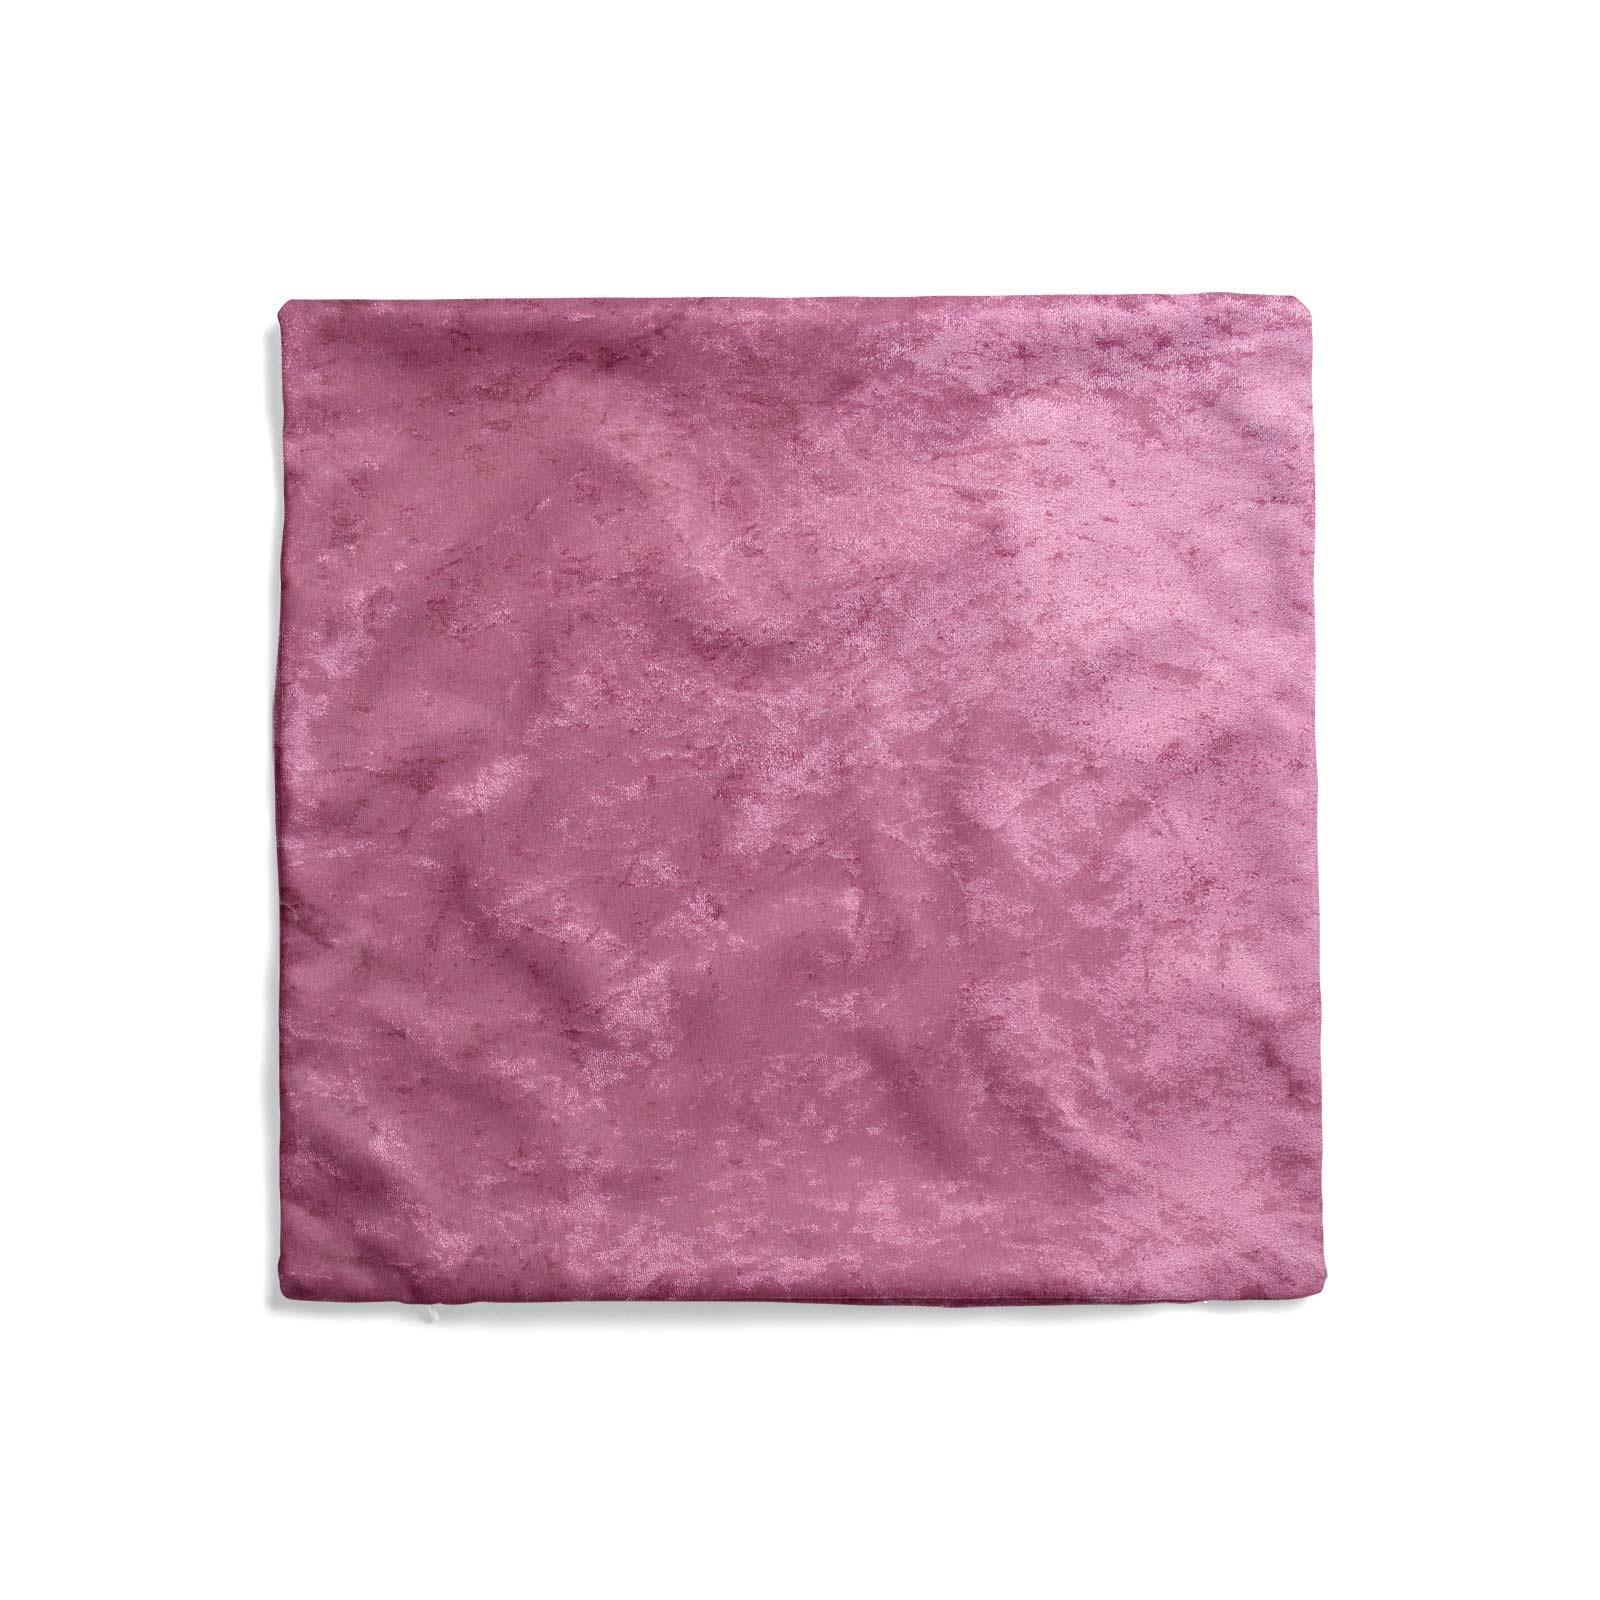 Cuscino-di-velluto-schiacciato-copre-GLAM-Tinta-Unita-Copricuscino-18-034-x-18-034-45cm-x-45cm miniatura 40